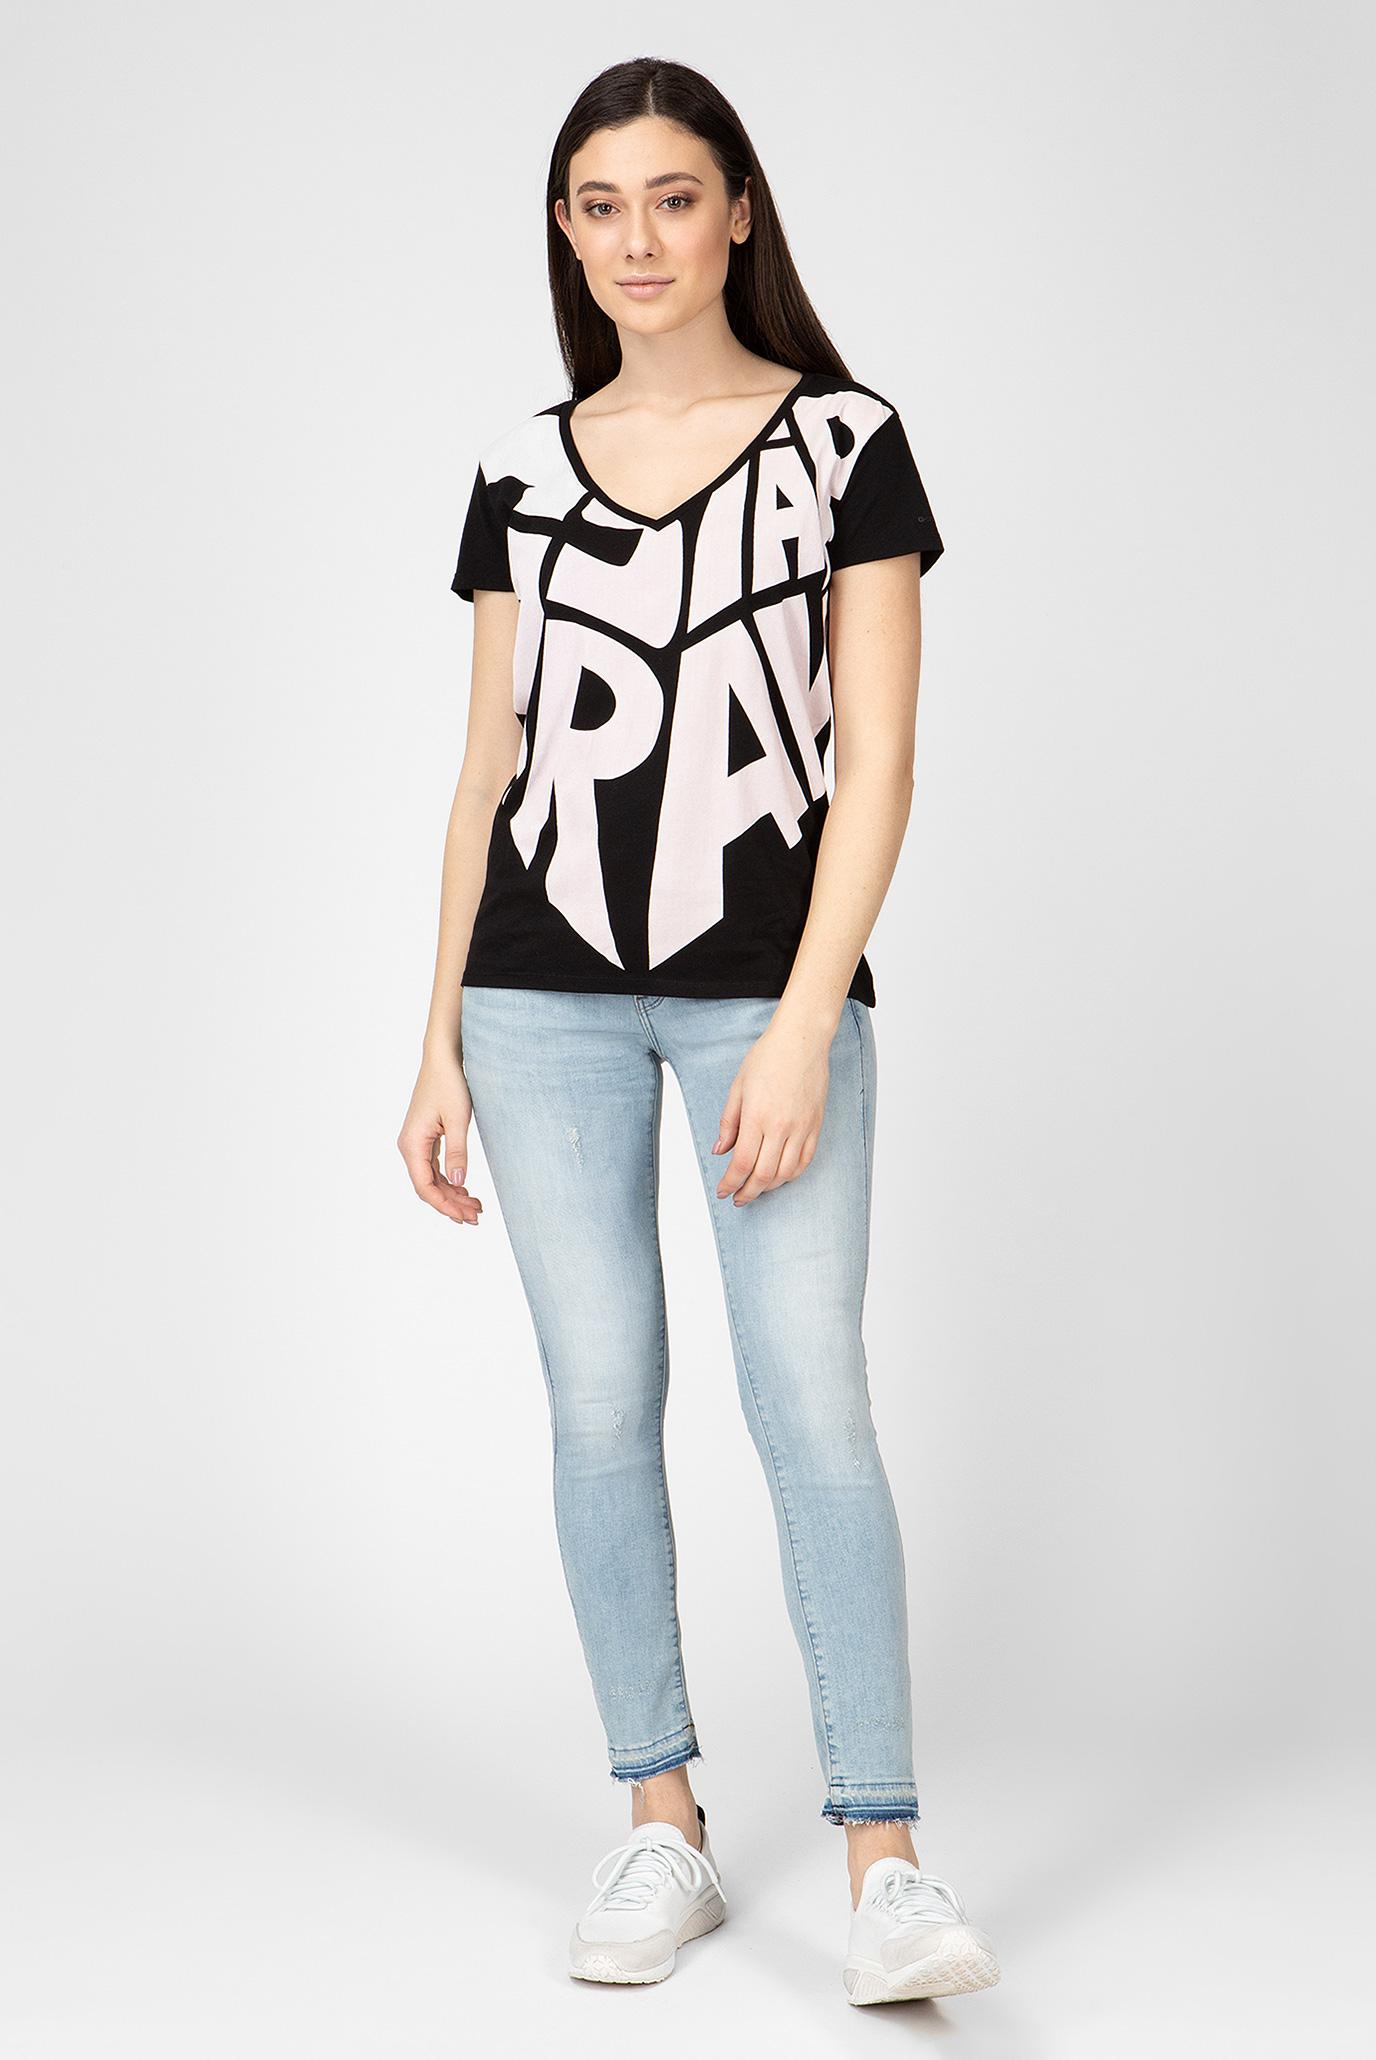 Купить Женские голубые джинсы LYNN G-Star RAW G-Star RAW D08616,8968 – Киев, Украина. Цены в интернет магазине MD Fashion